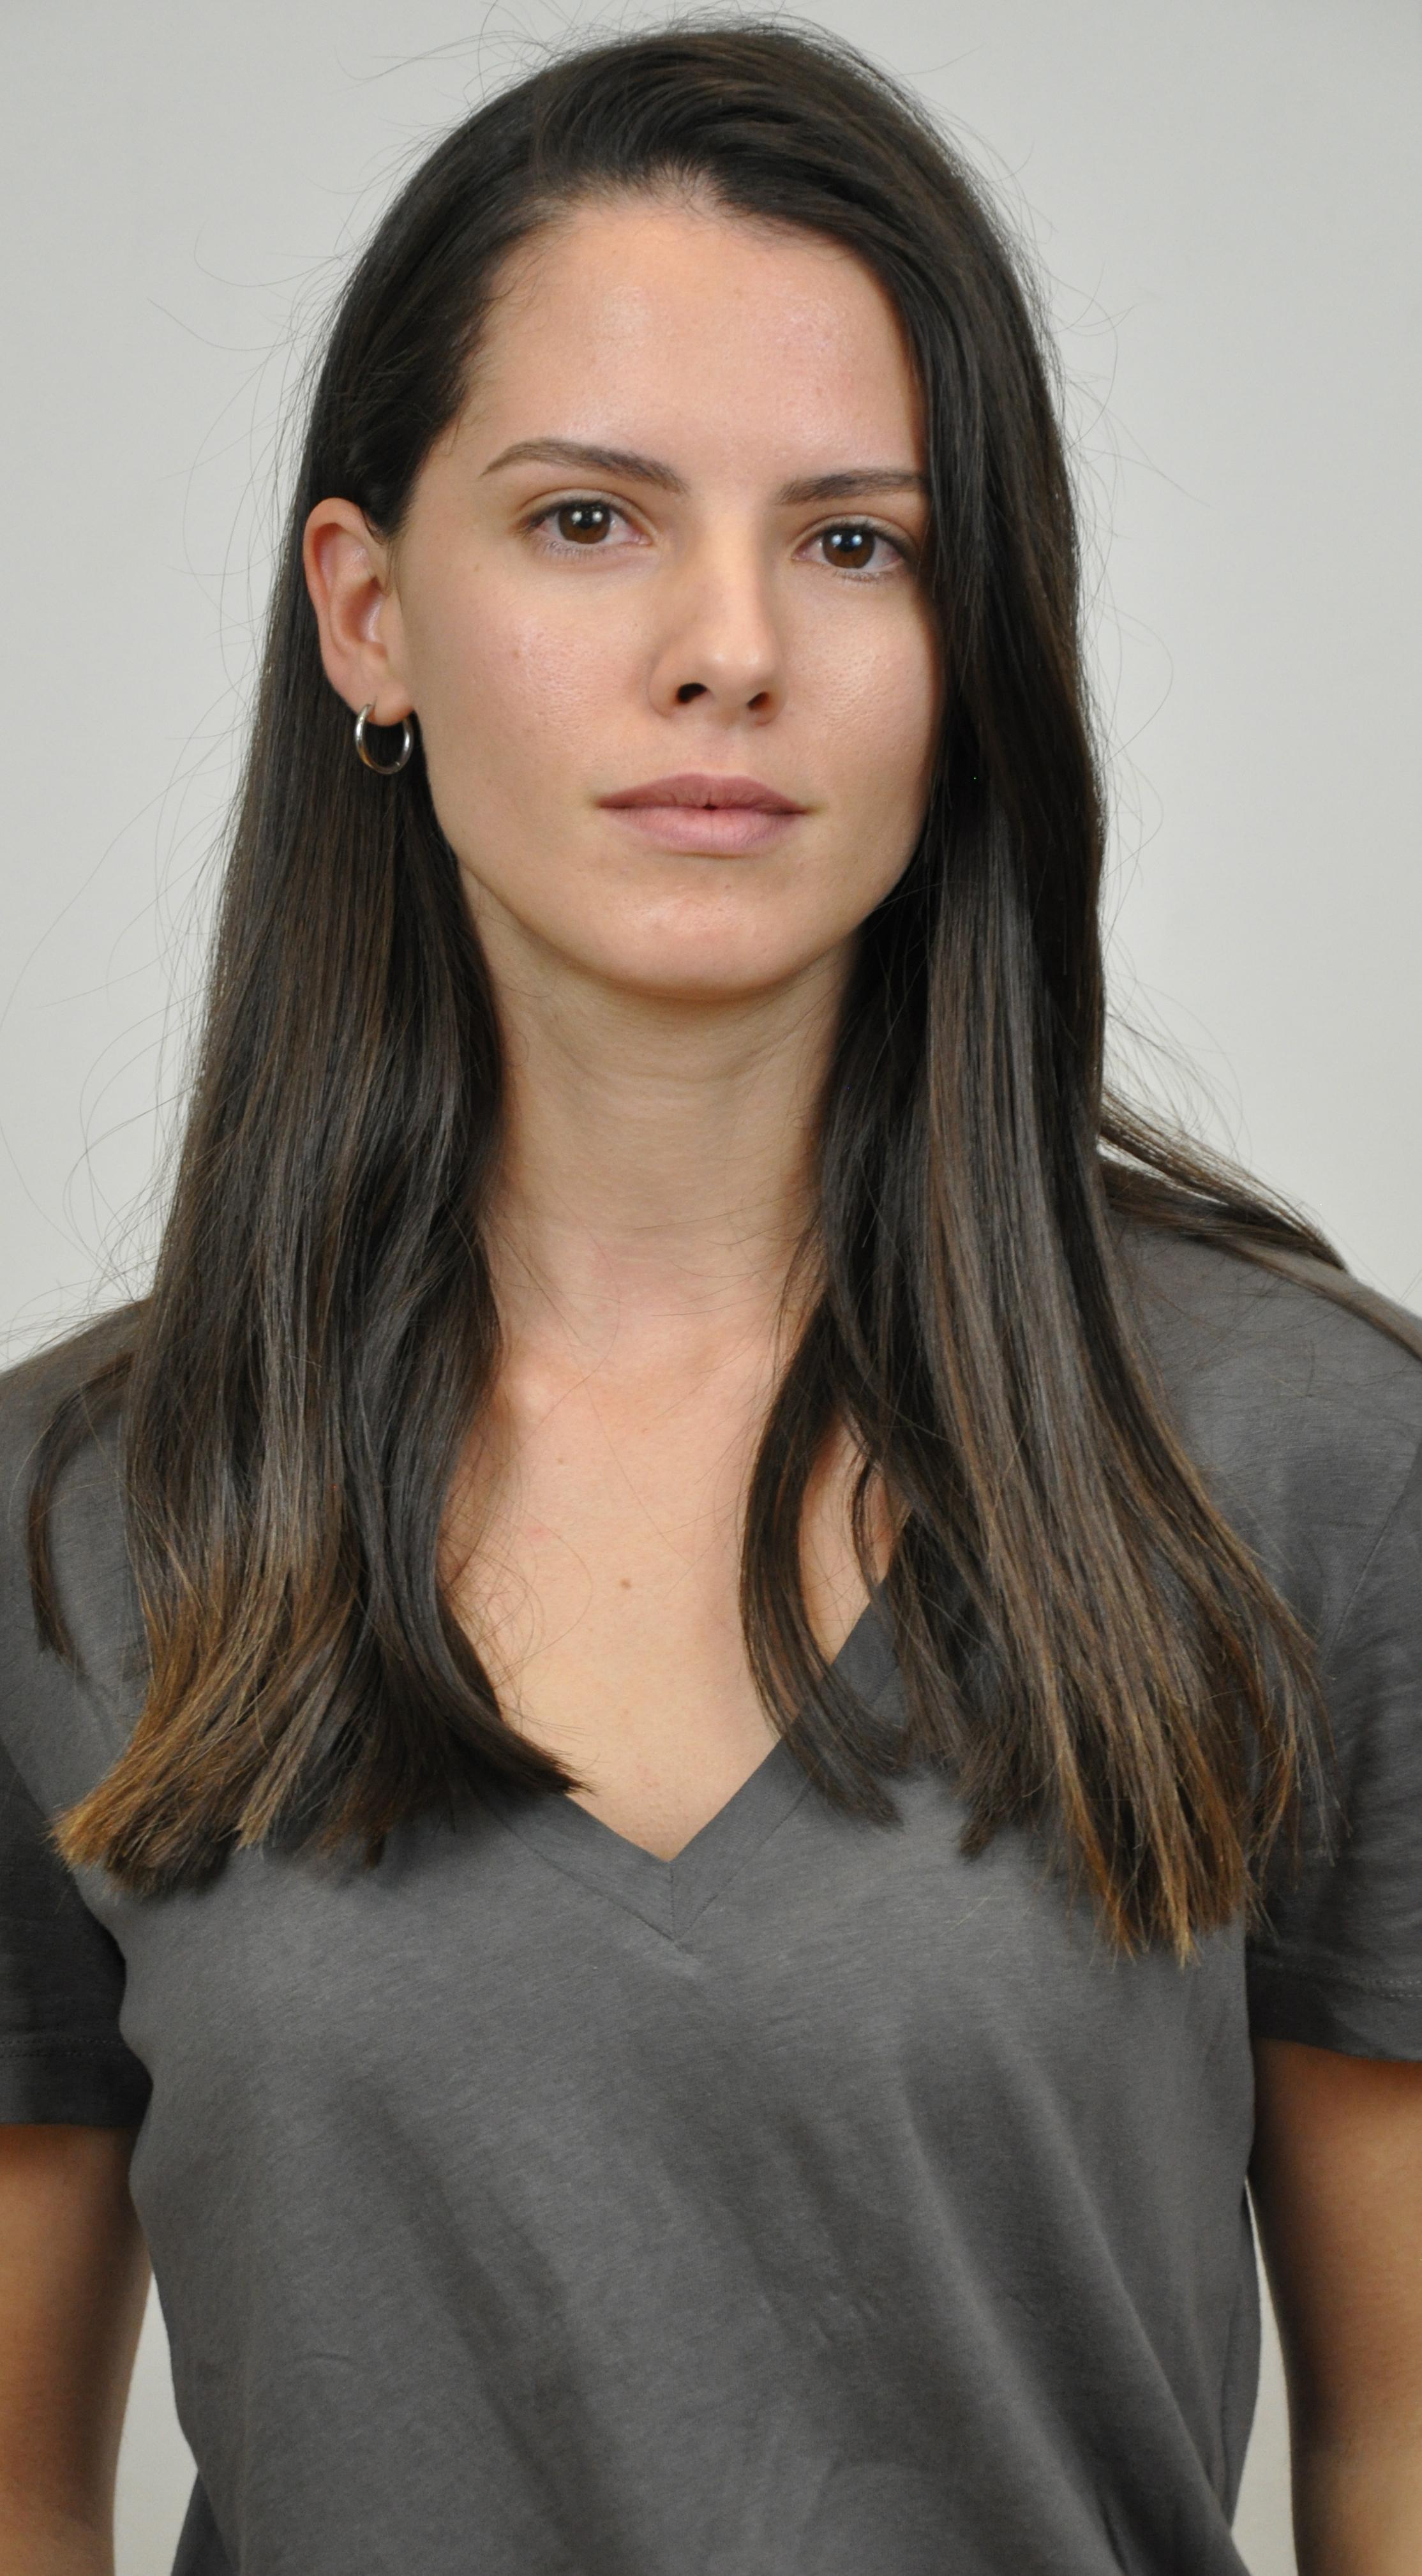 Vasia Dimitropoulou